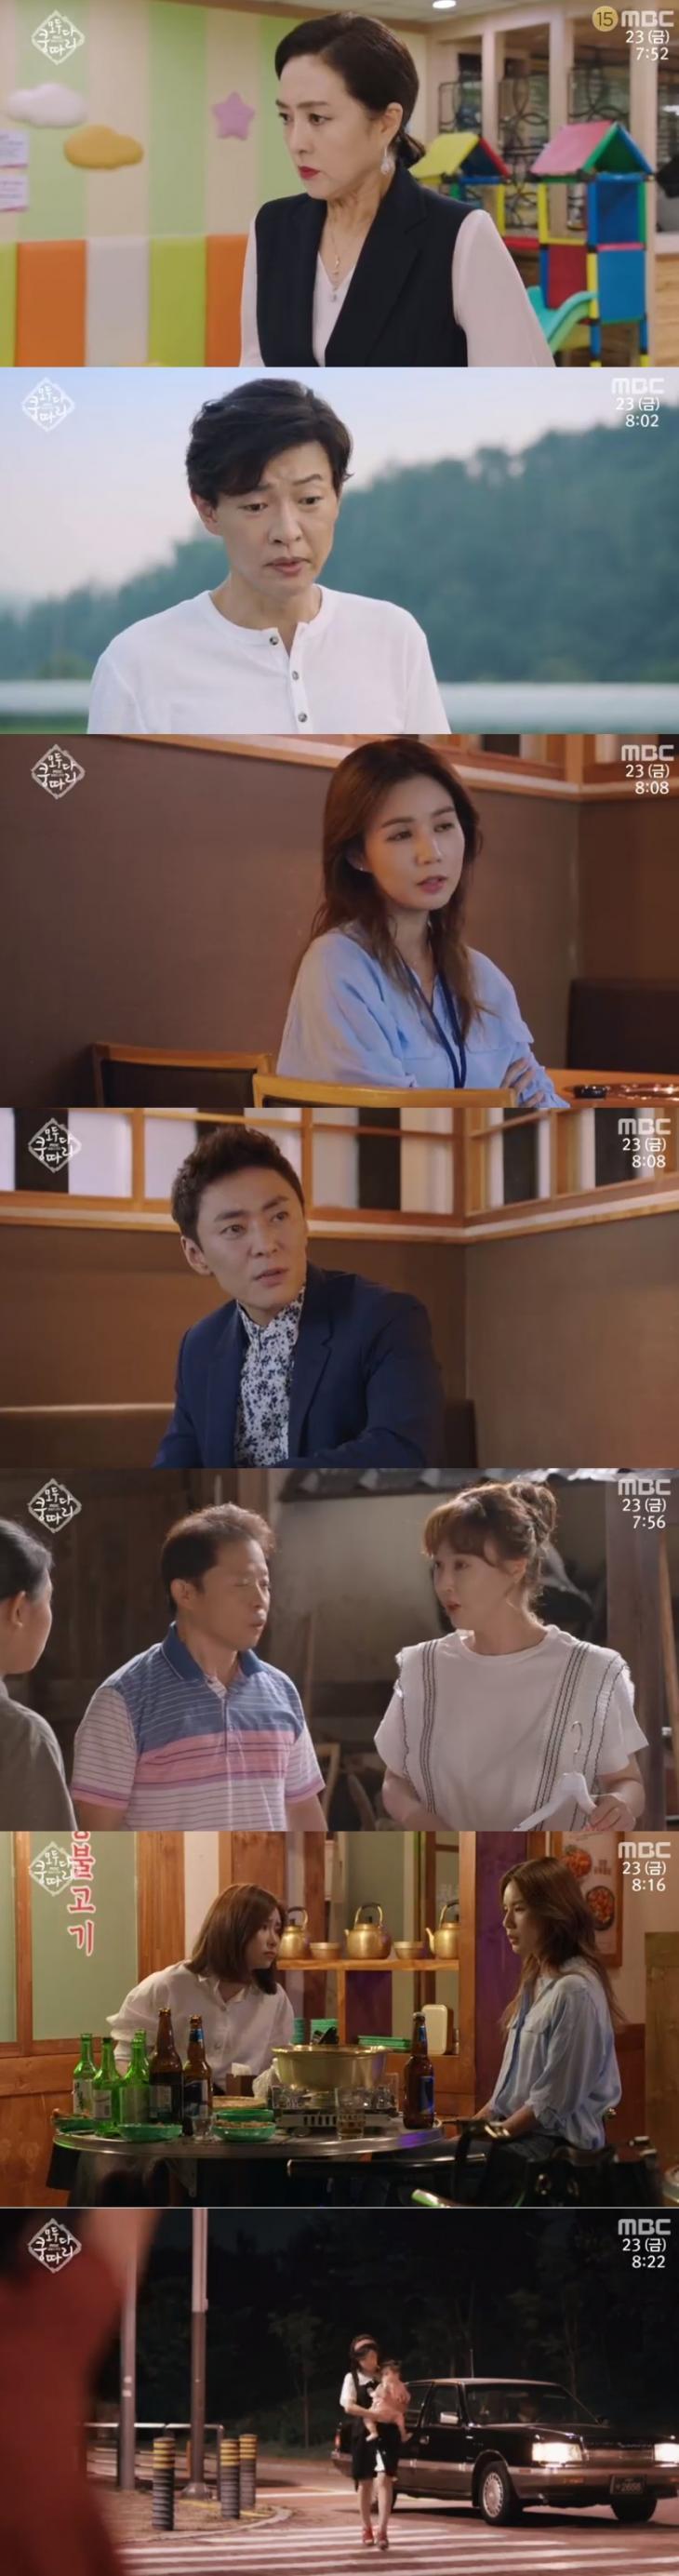 김호진 박시은 이보희 / MBC '모두다쿵따리' 캡처